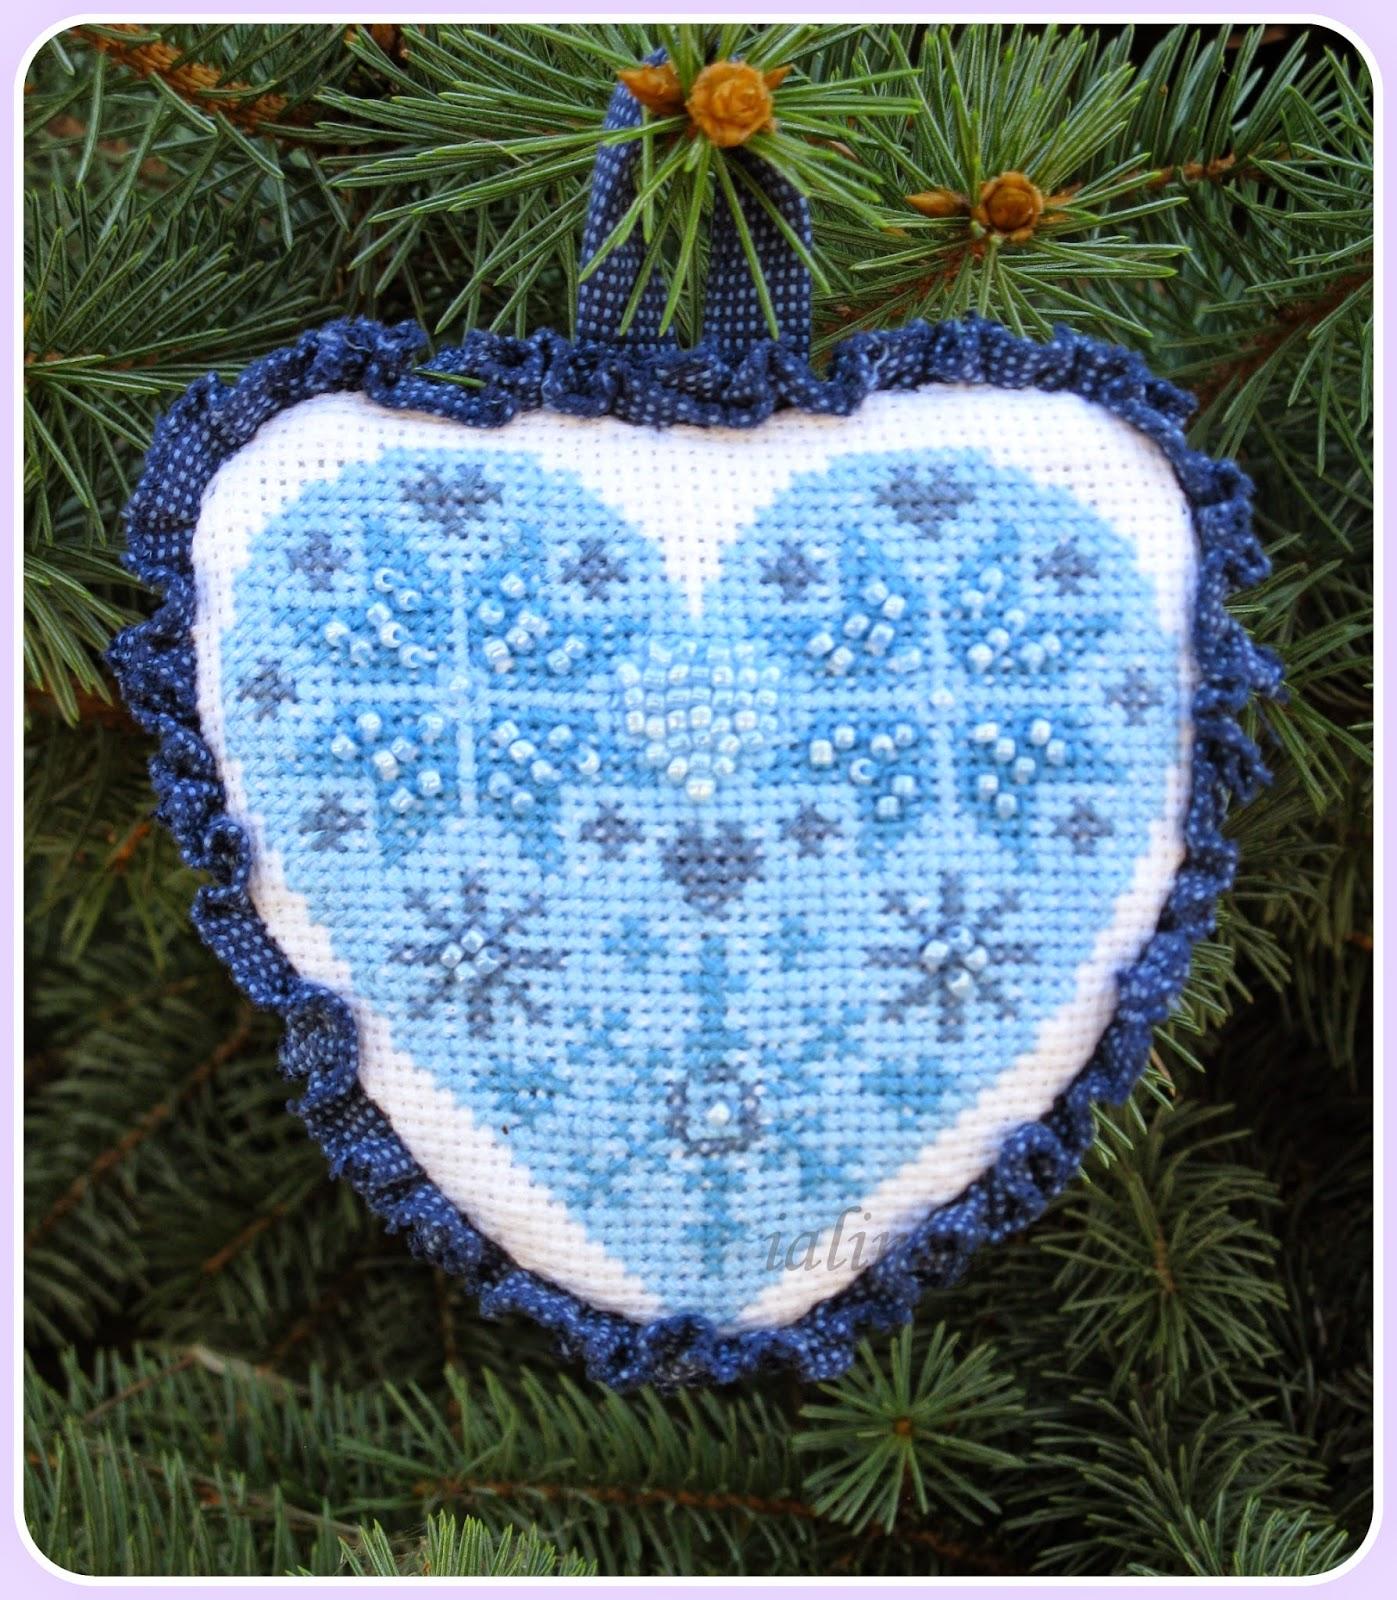 елочка, украшенная  игрушками сердечко   hand  made вышивка новый год